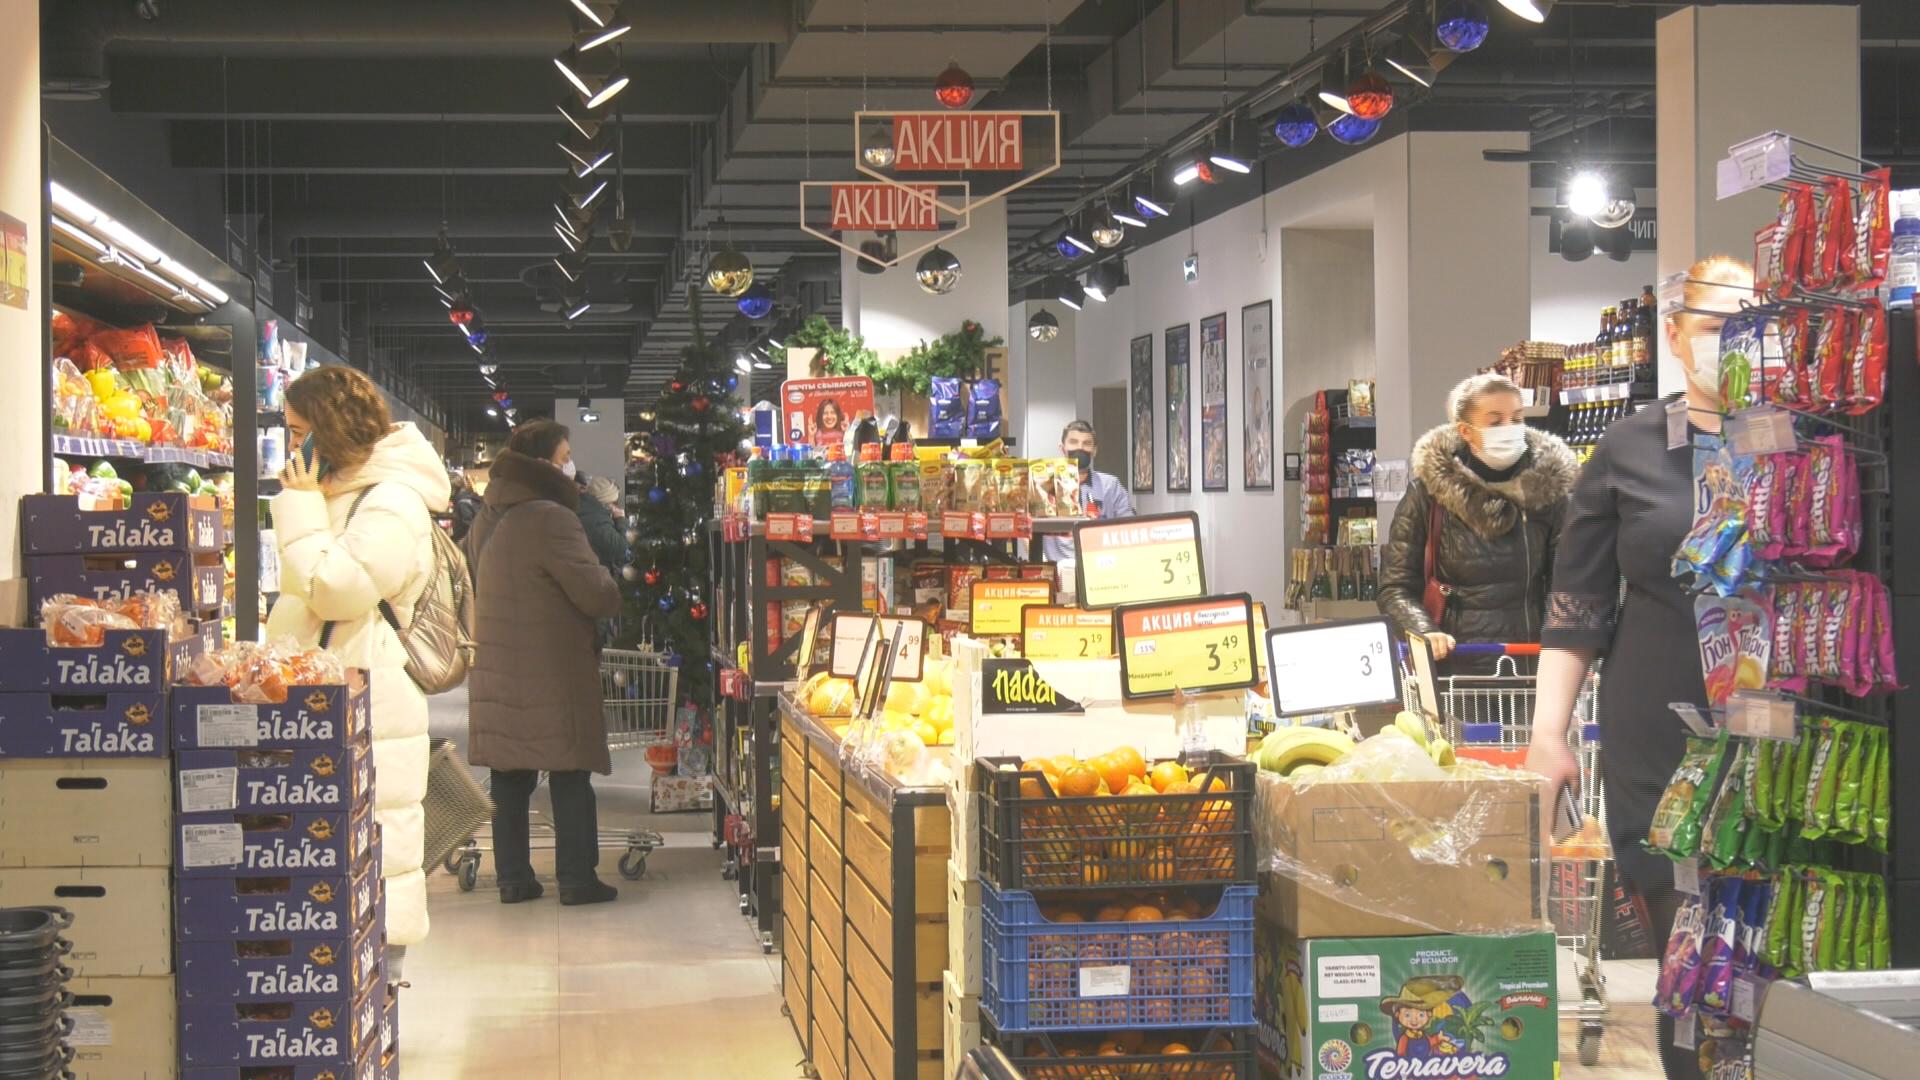 vitaljur - Шум от магазина не даёт покоя жителю Витебска (видео)